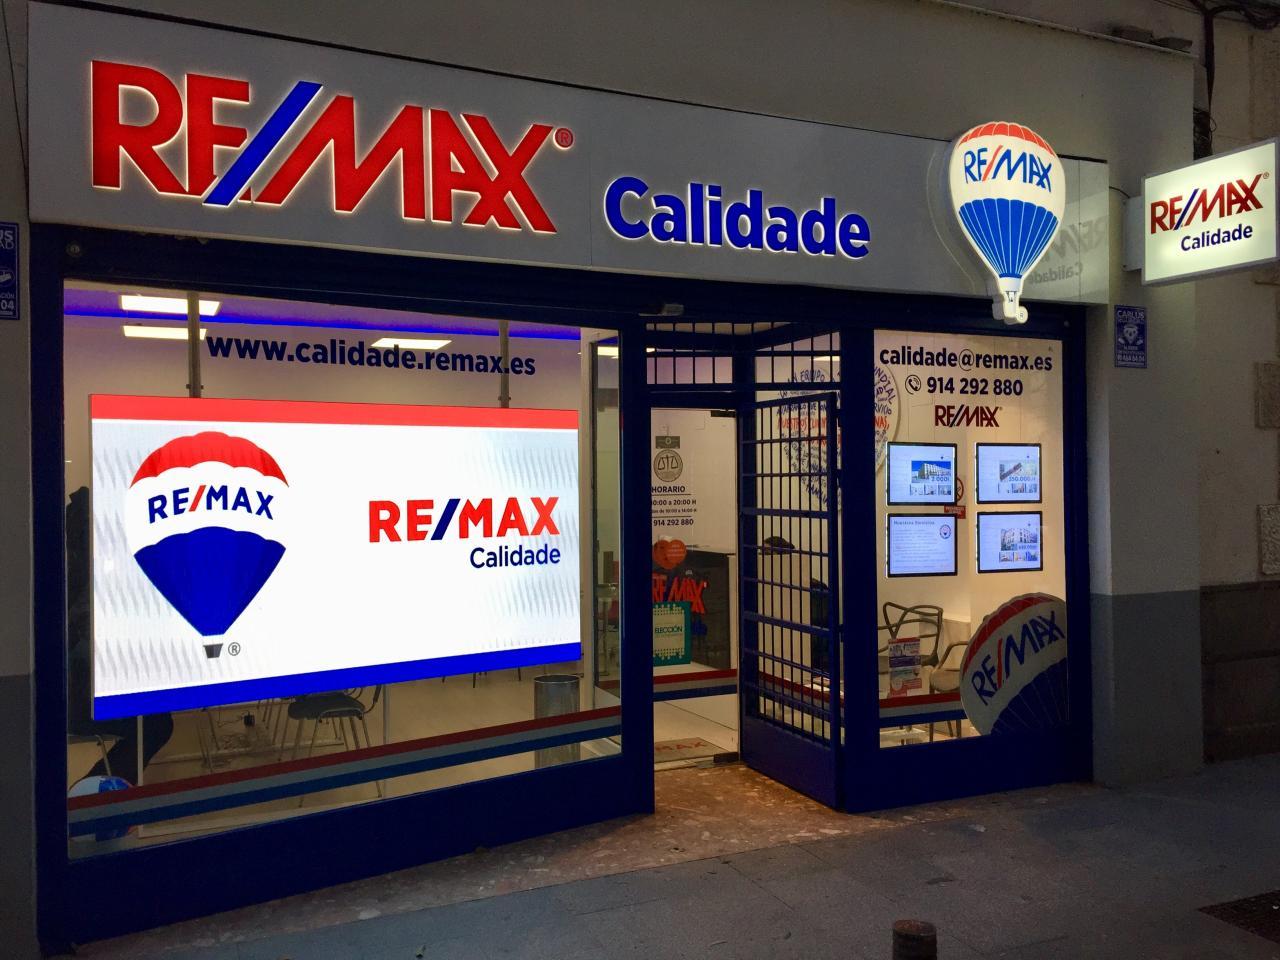 RE/MAX Calidade